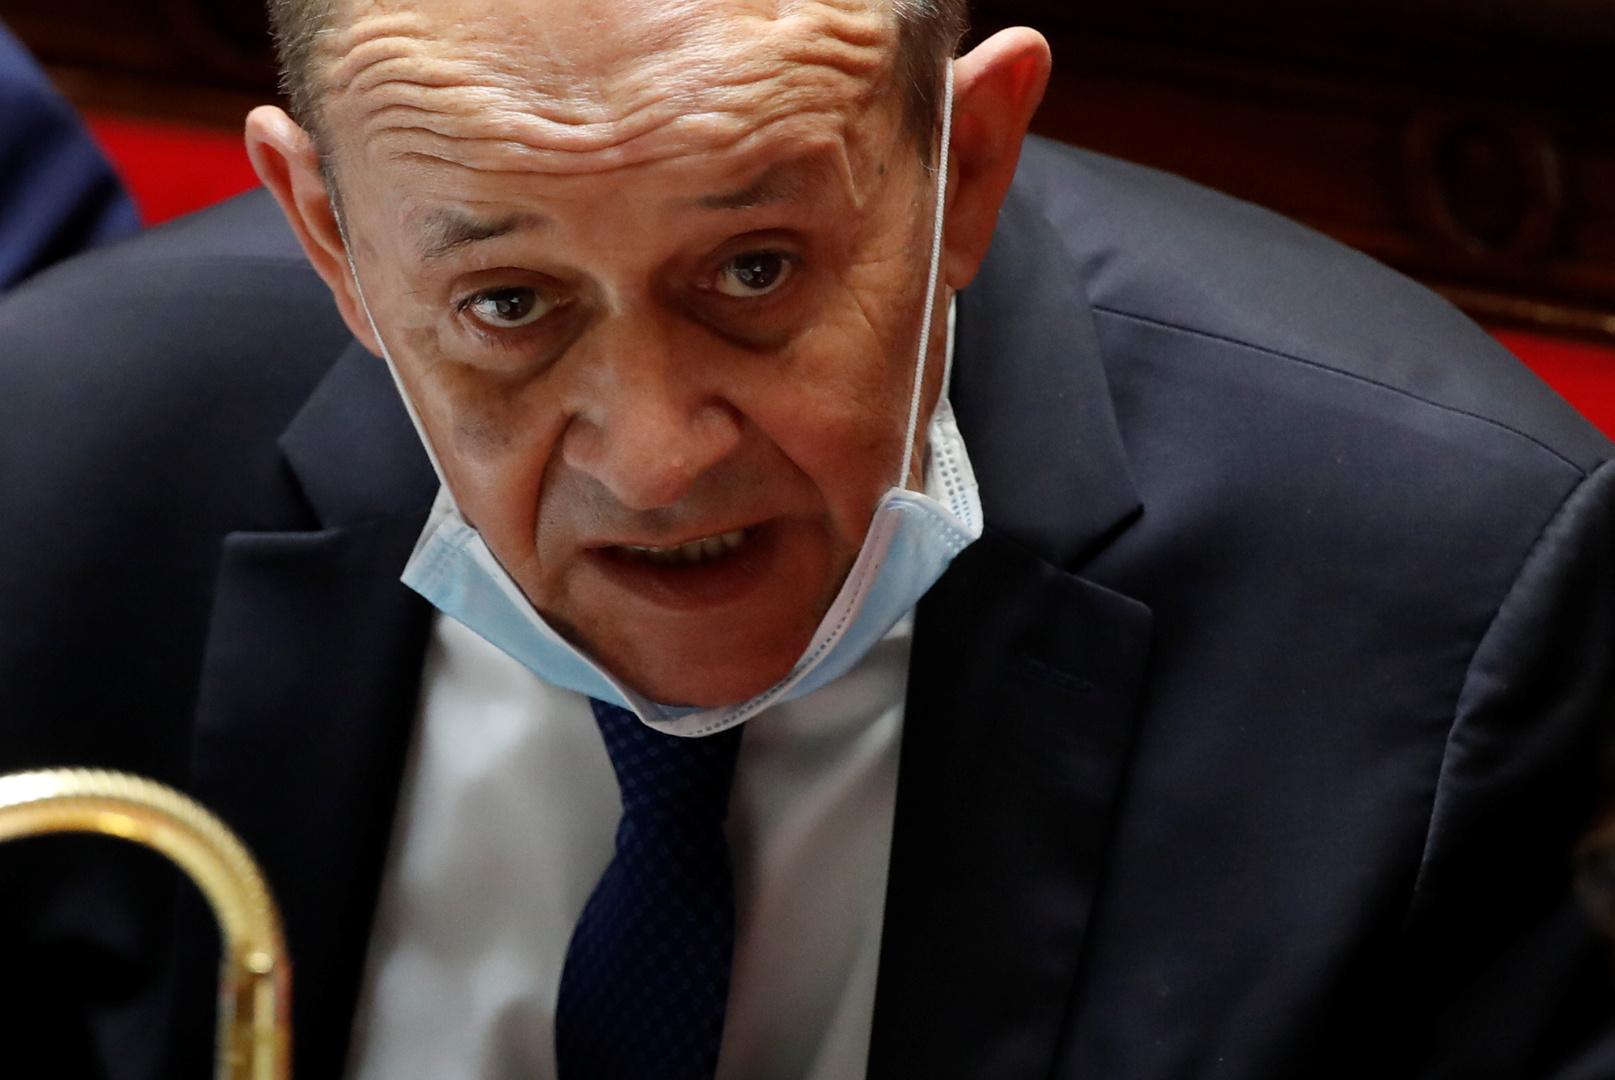 لودريان يزور بيروت وسط تقارير عن خطة فرنسية لدعم لبنان